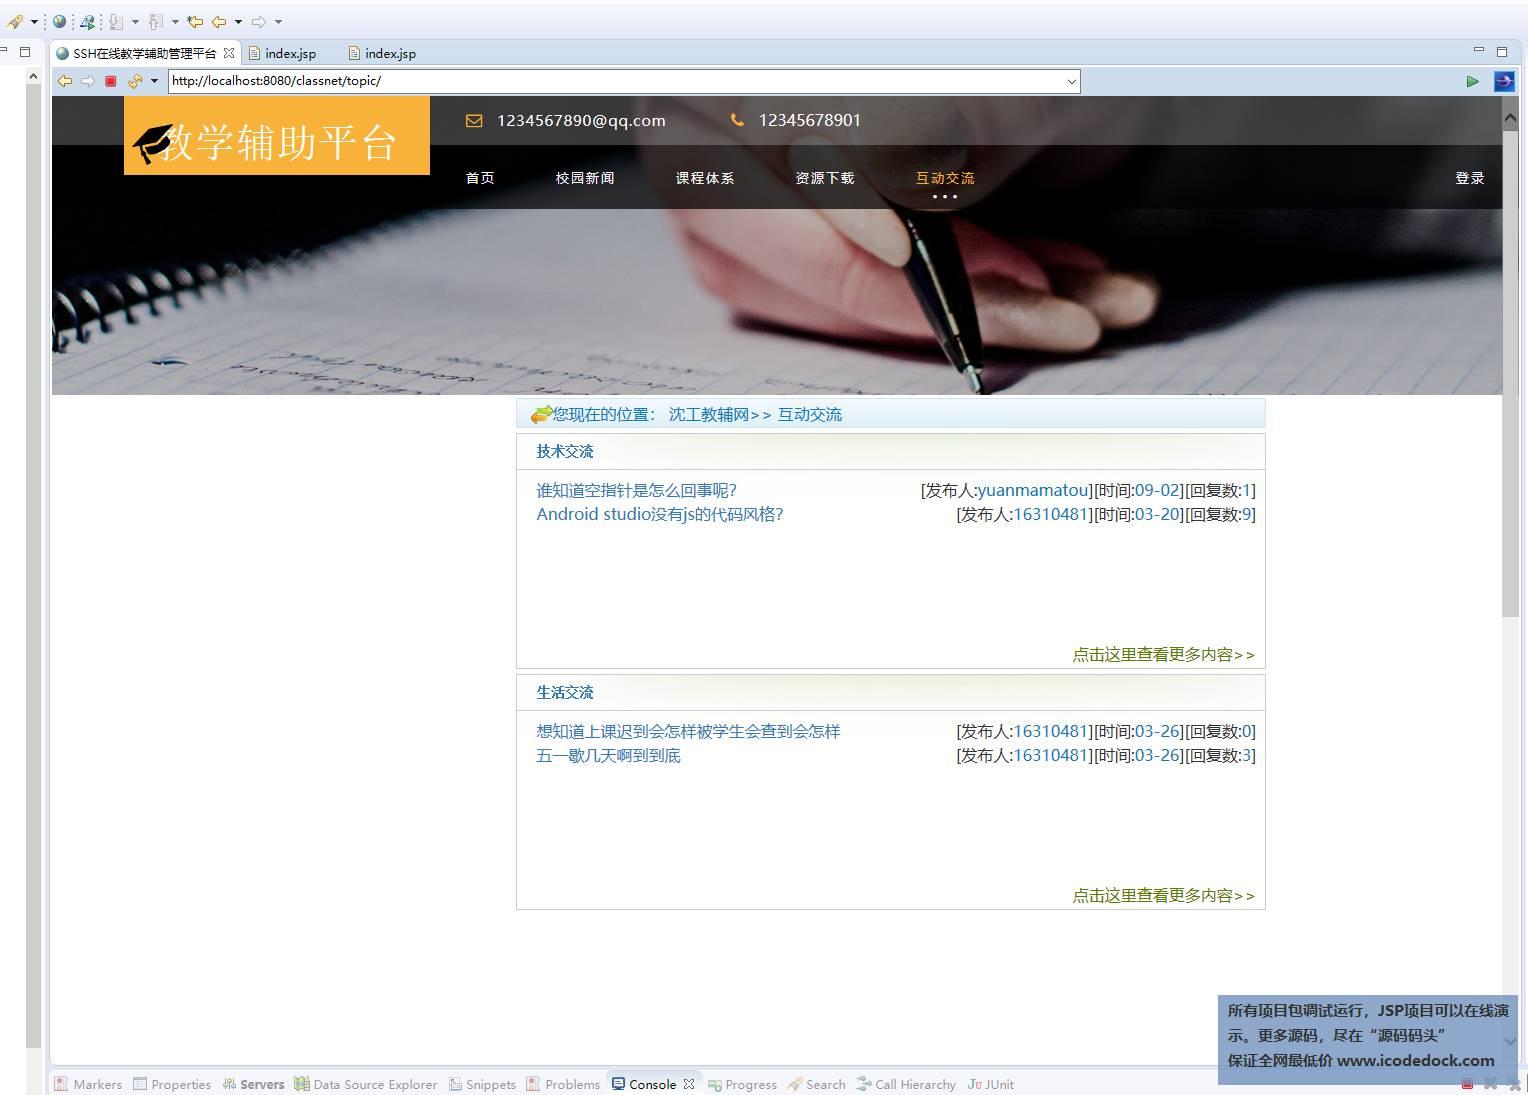 源码码头-SSH教学辅助视频学习交流管理系统-学生用户角色-互动交流